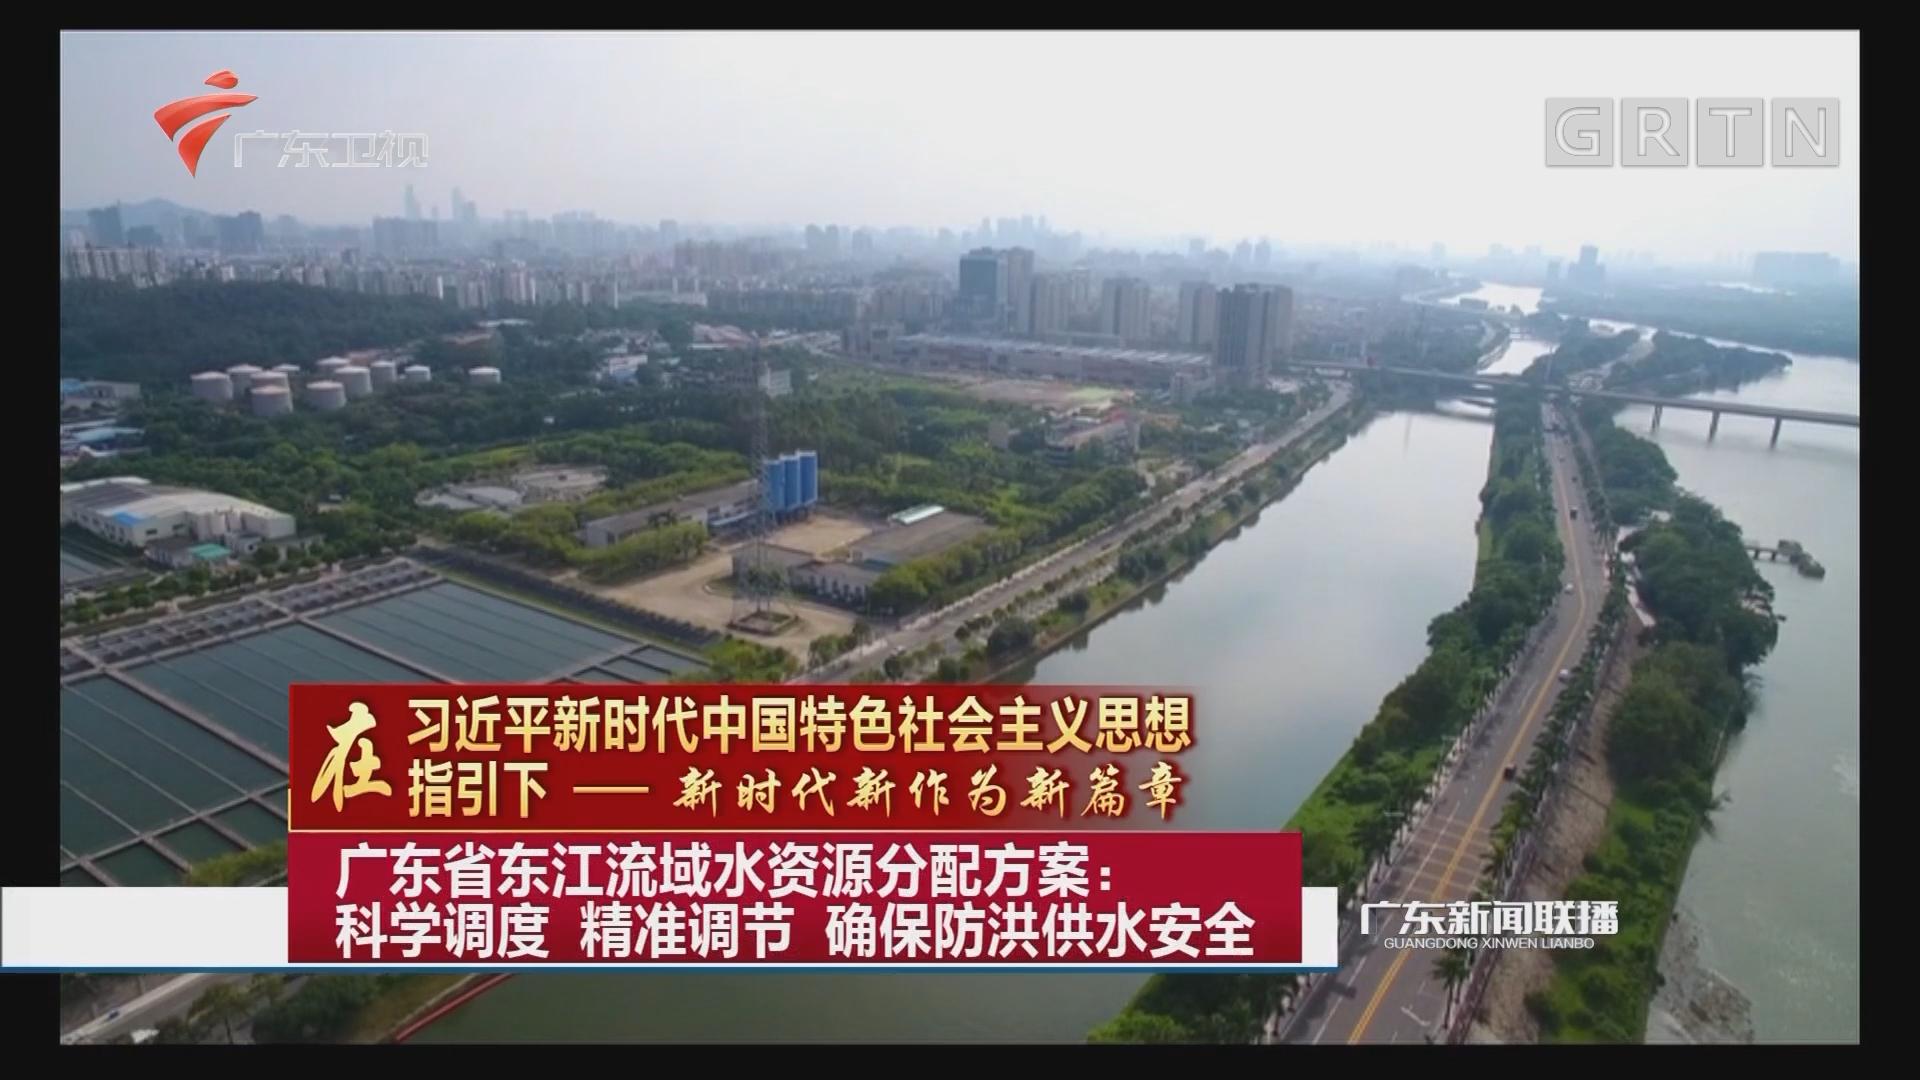 广东省东江流域水资源分配方案:科学调度 精准调节 确保防洪供水安全